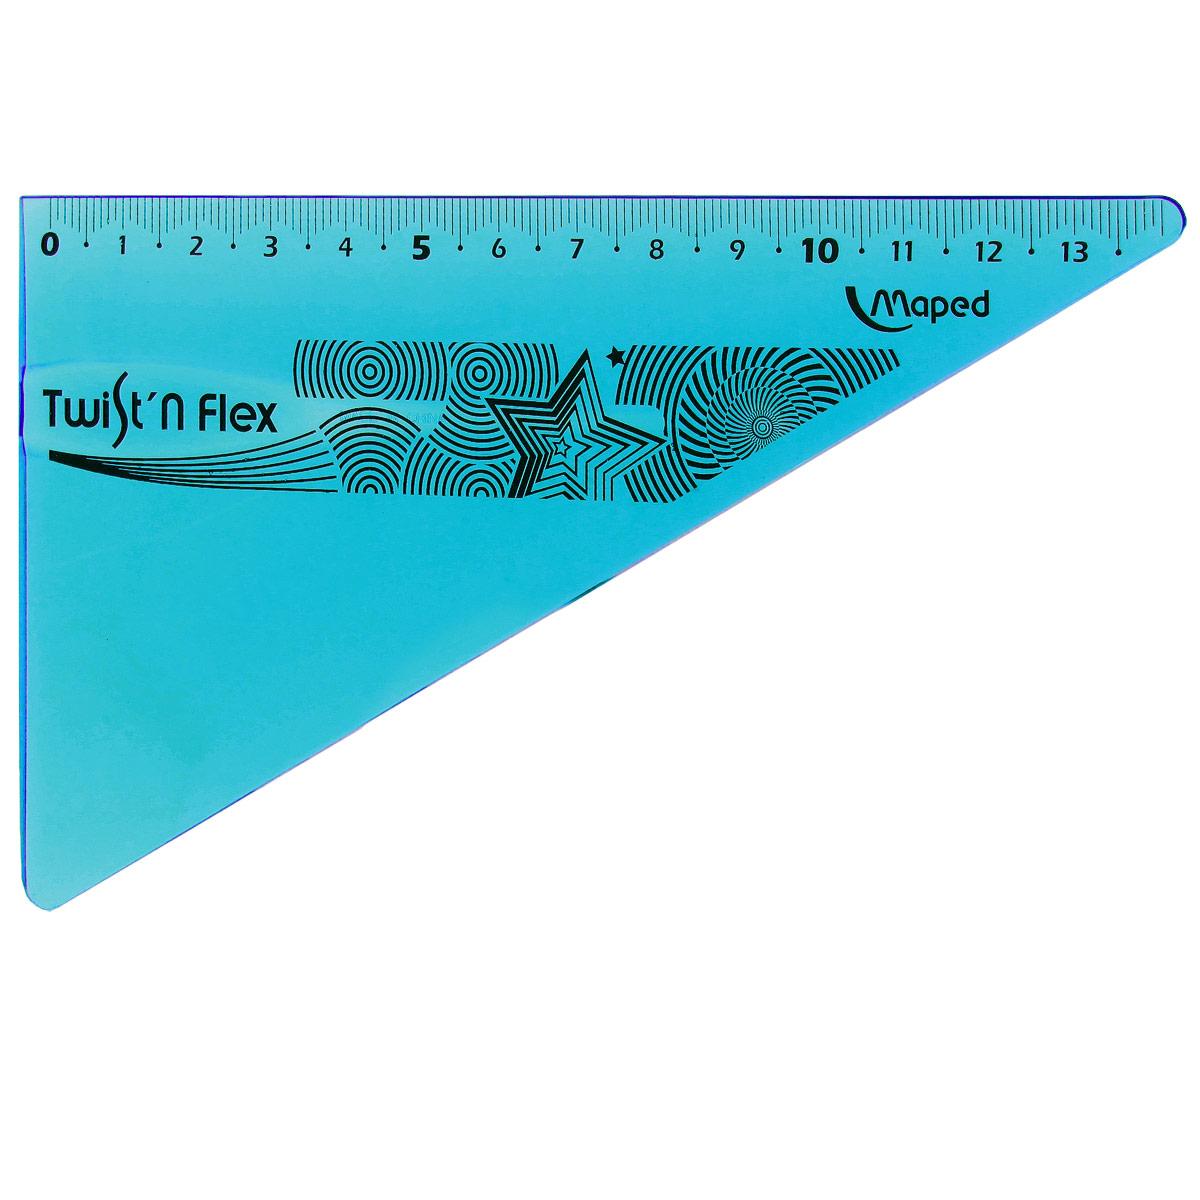 Угольник Maped Twist-n-Flex, неломающийся, 14 см, цвет: синий279410_синийГибкий неломающийся угольник Maped - это не только необходимый в учебе предмет, но и легкий способ привлечь ребенка к процессу обучения. Выполнен из прозрачного цветного пластика с ровной четкой миллиметровой шкалой делений до 14 см.Характеристики:Длина: 14 см.Угол: 60 градусов. Характеристики:Длина: 14 см. Угол: 60 градусов.